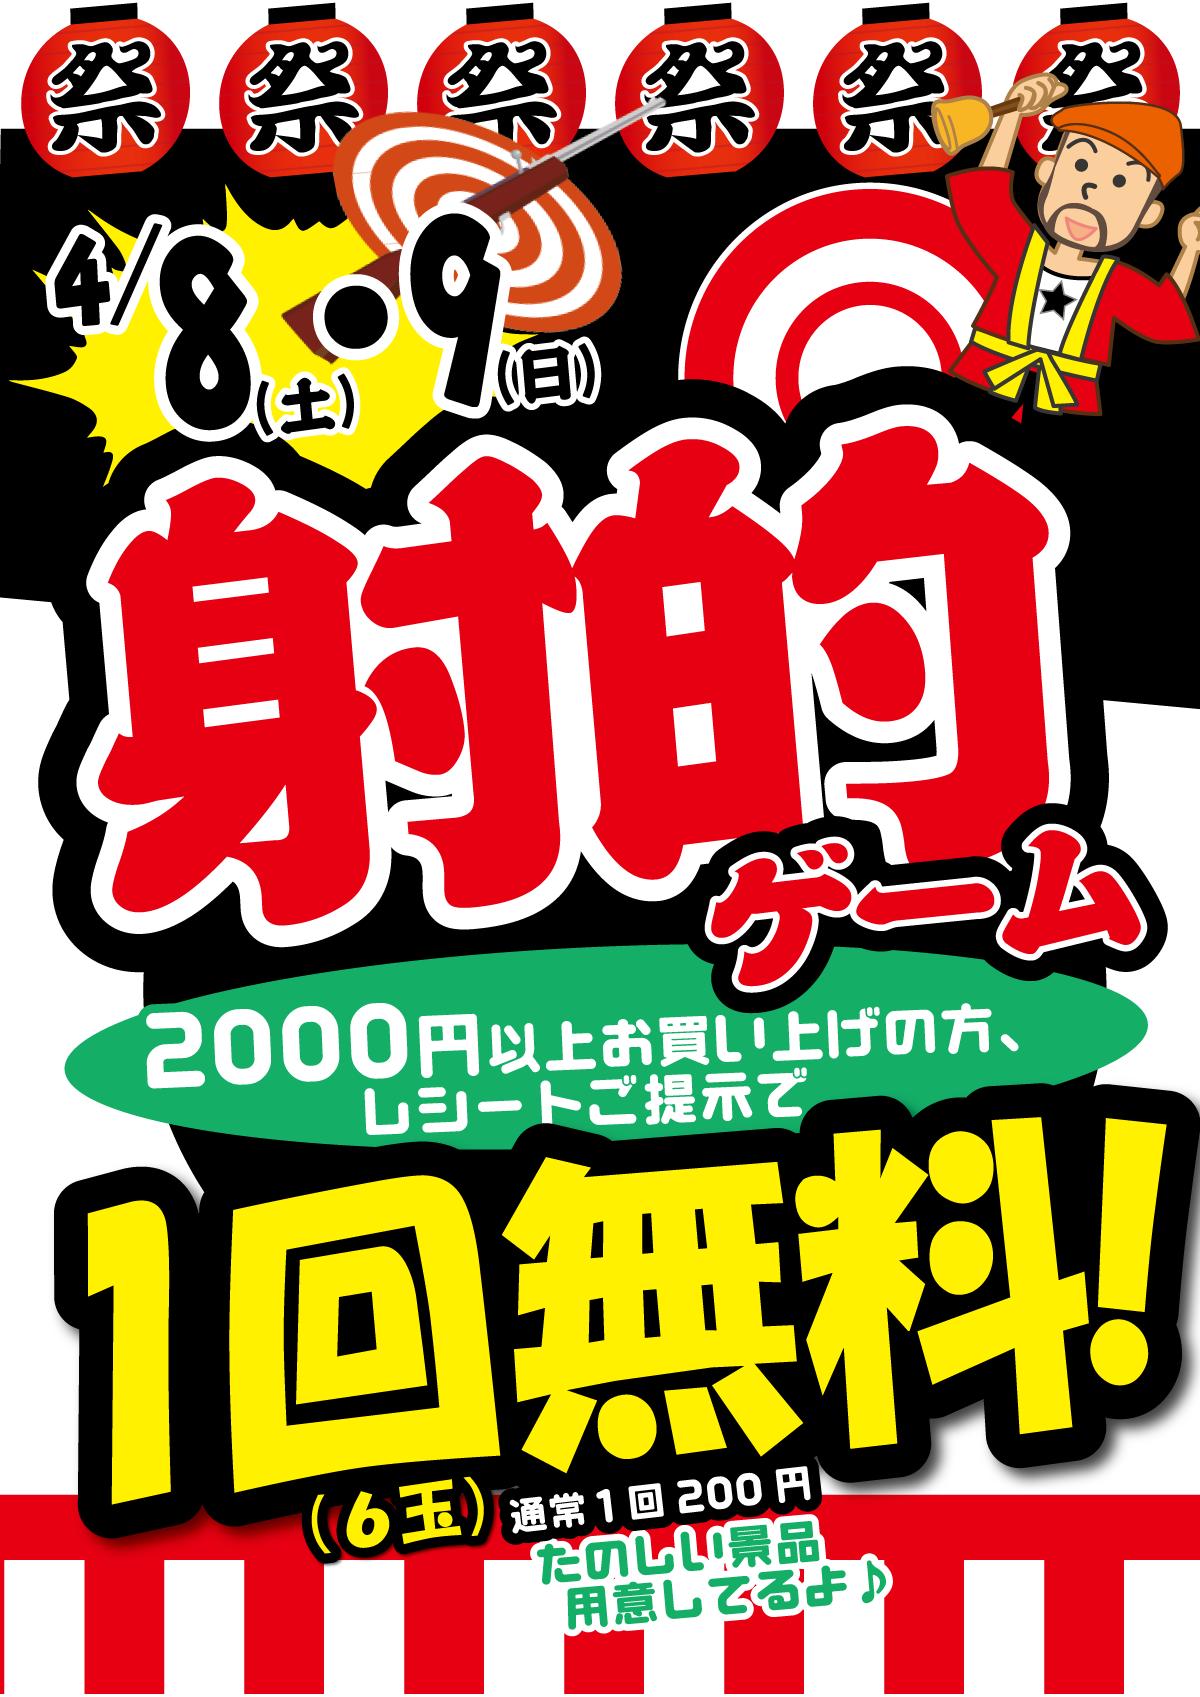 「開放倉庫米子店」2017年4月8日(土)、9日(日)射的ゲーム開催!